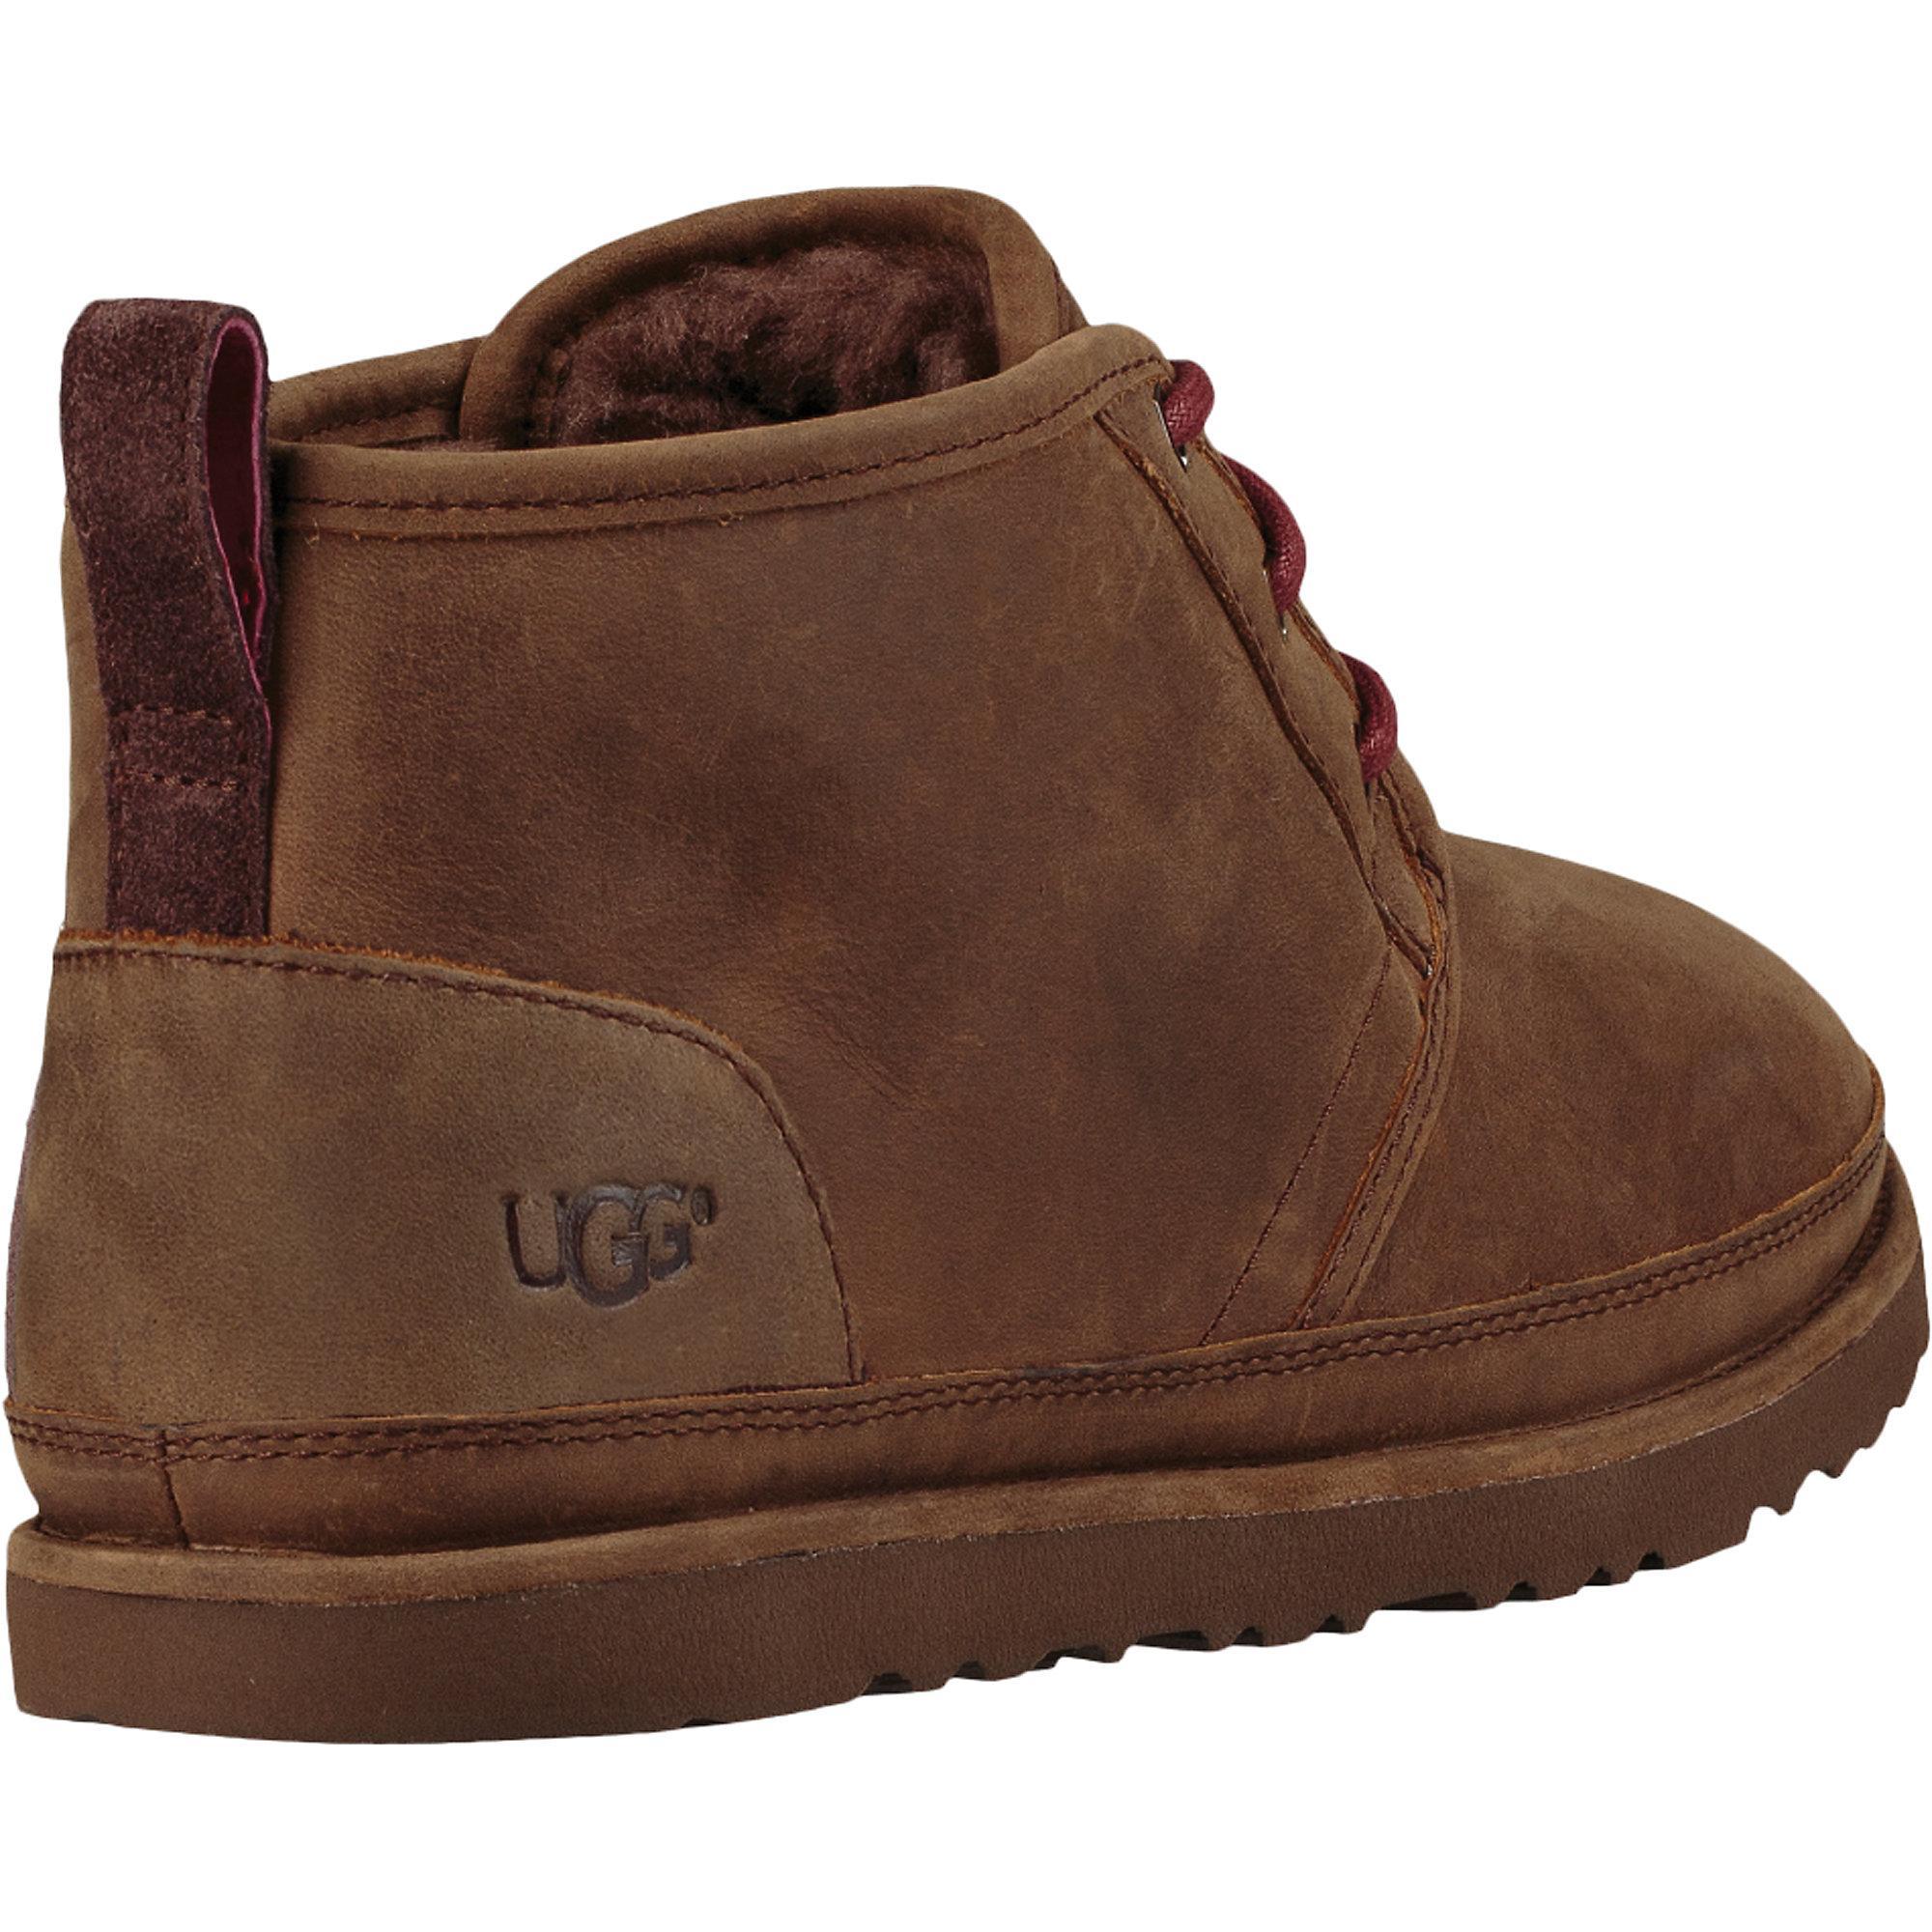 a4503d521af Men's Brown Neumel Waterproof Boot